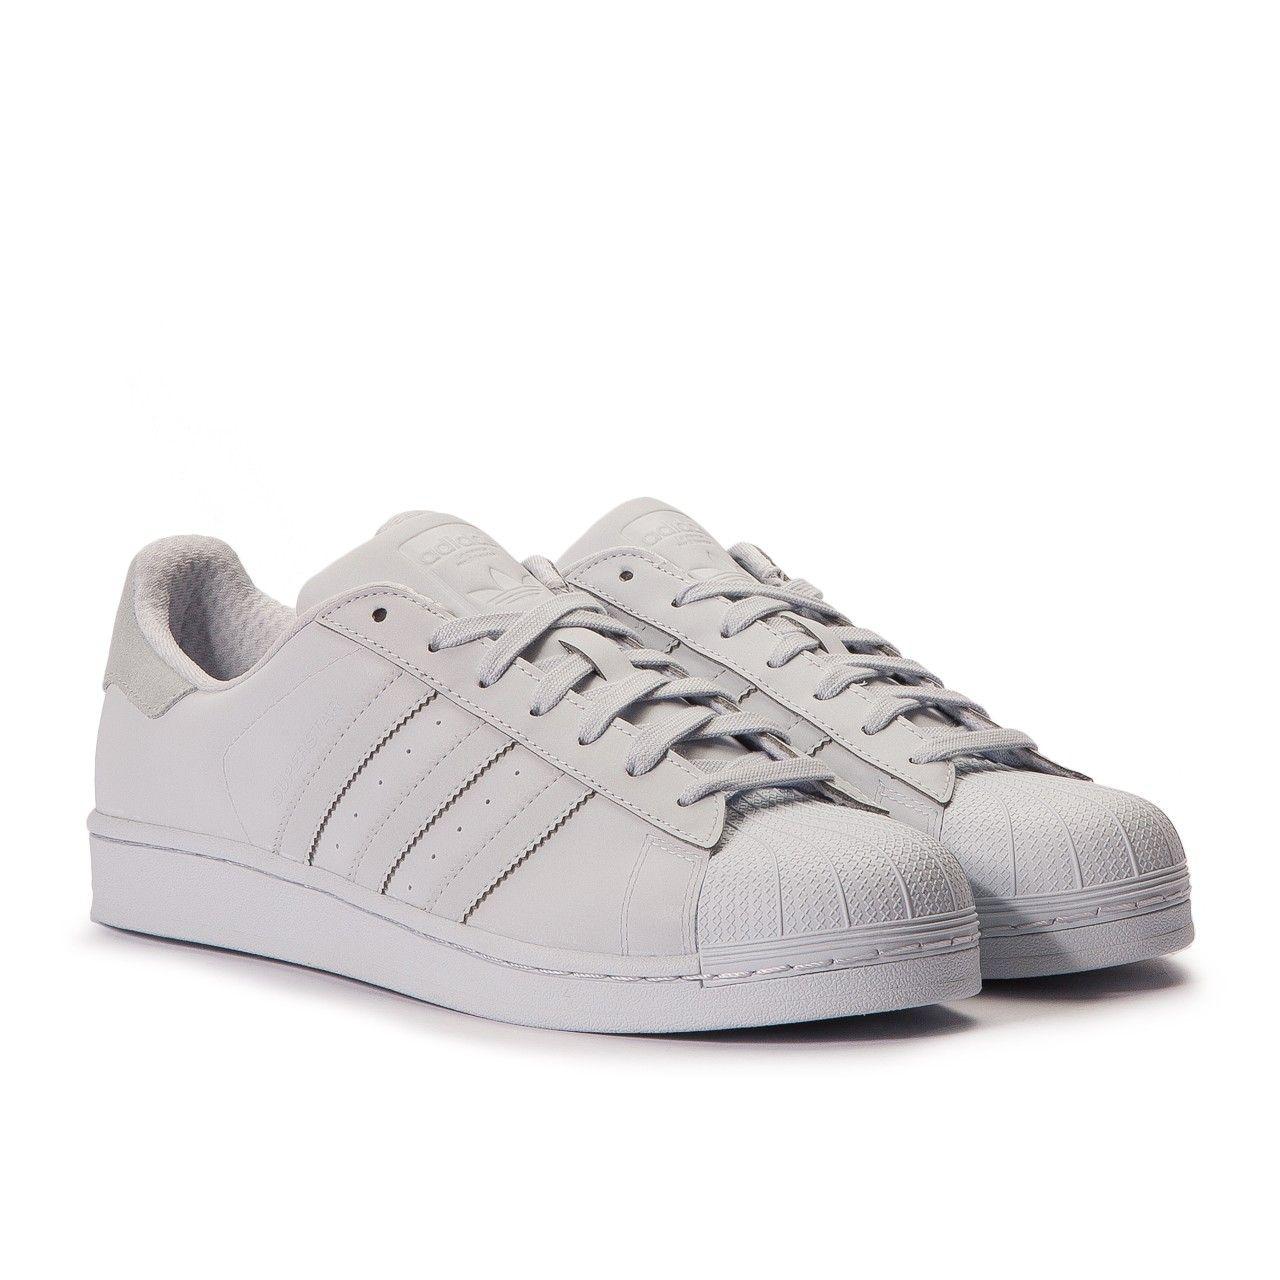 Adidas Superstar Adicolor Reflective